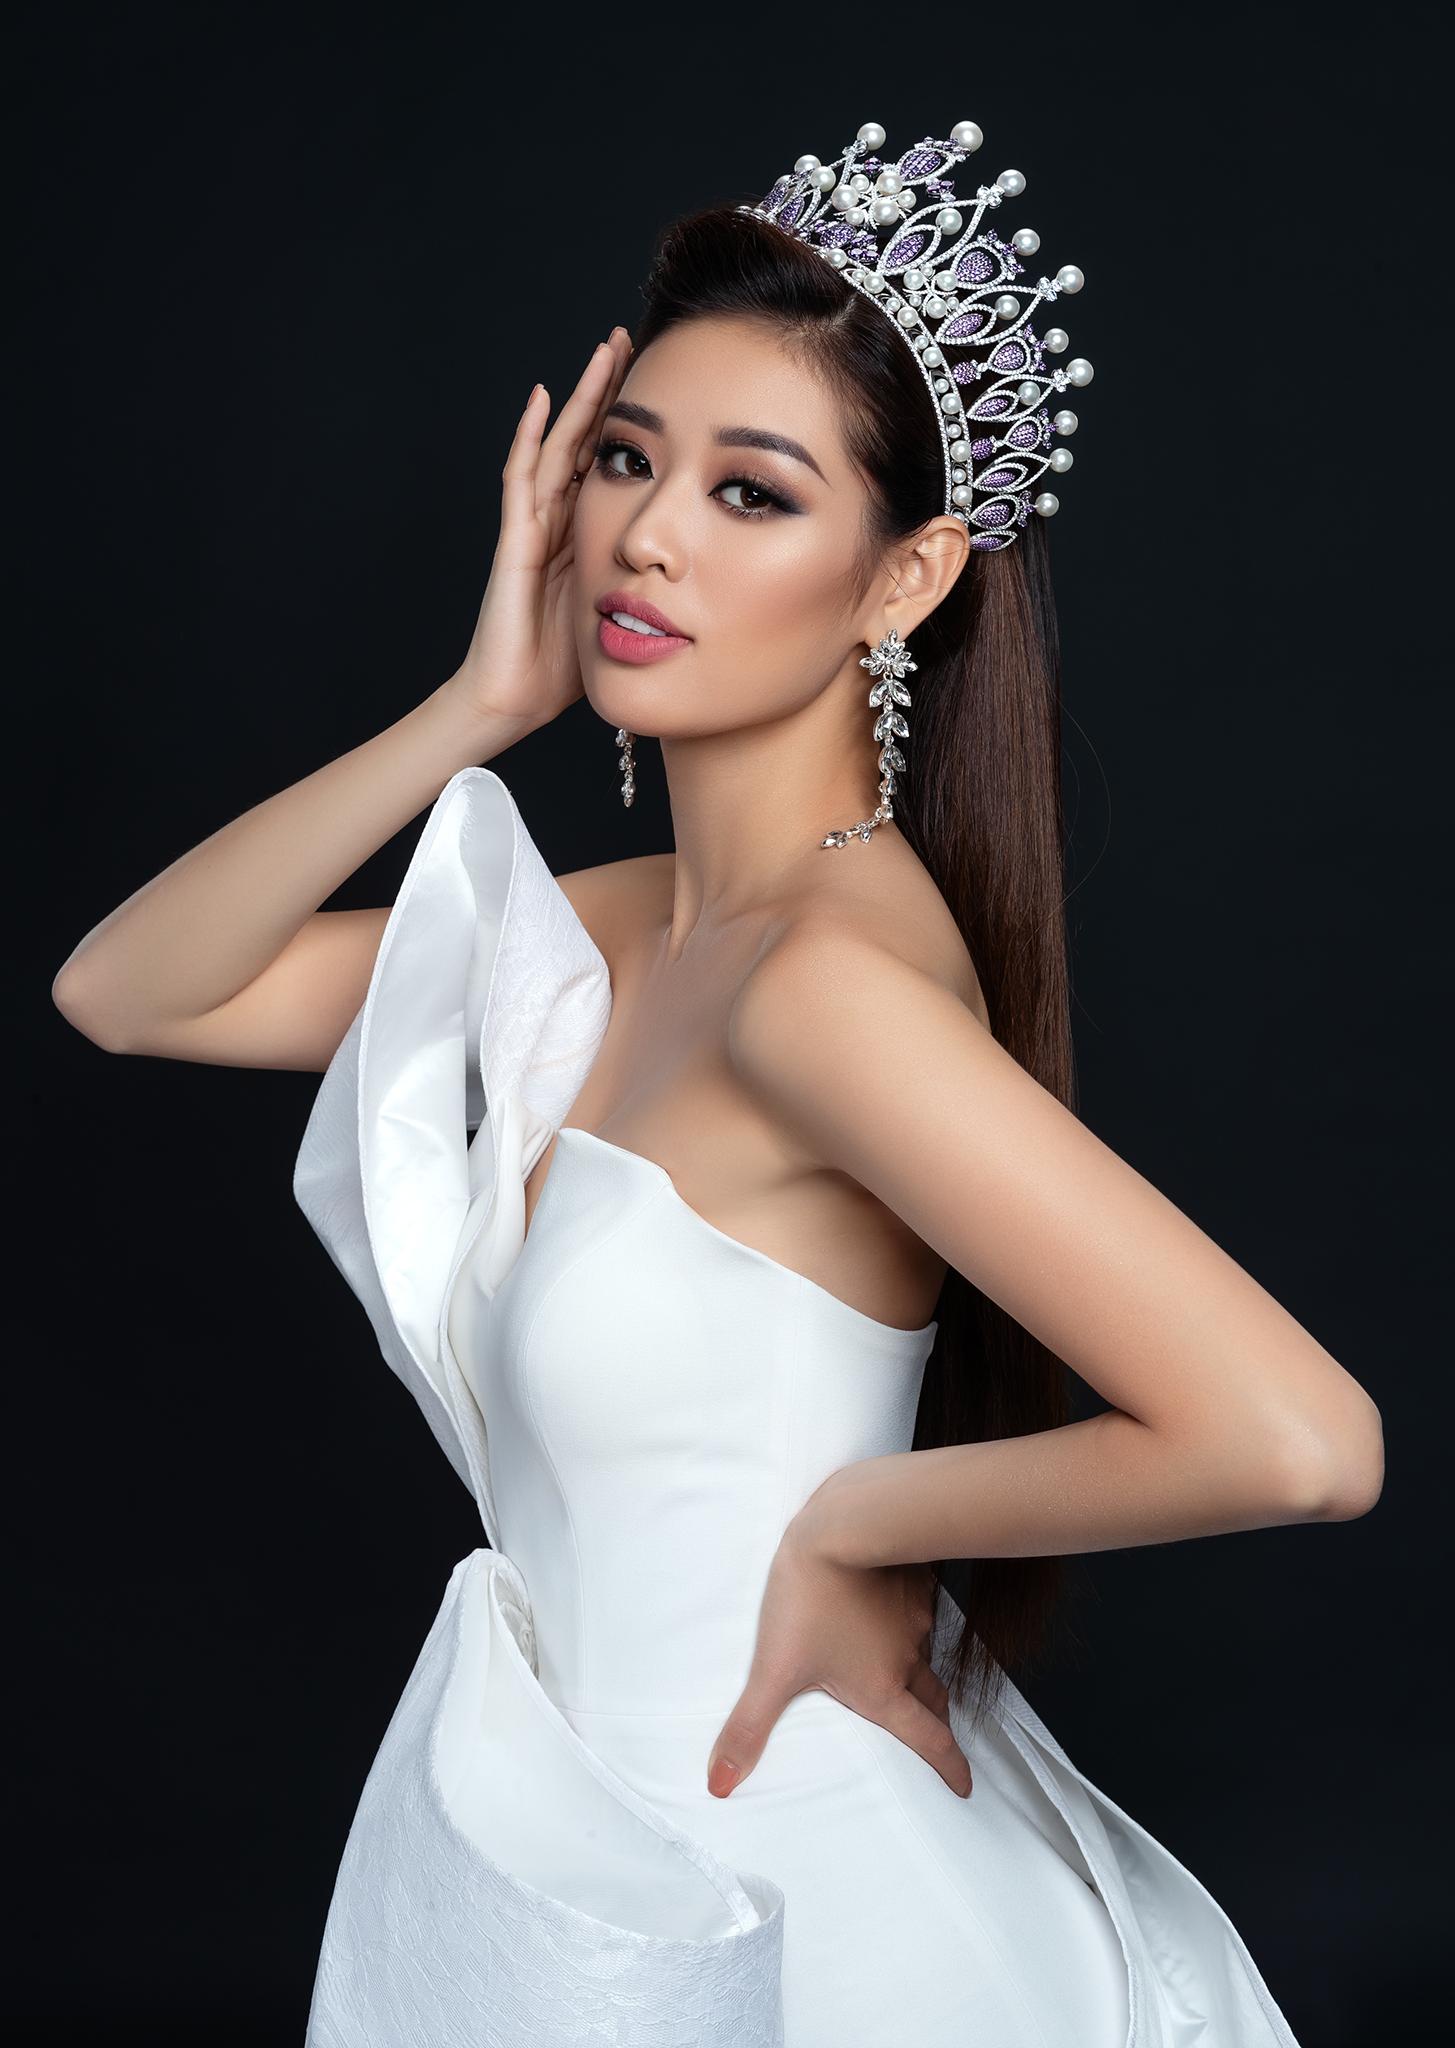 Hoa hậu Khánh Vân vừa thực hiện bộ ảnh beauty đầu tiên của nhiệm kỳ hoa hậuđể tri ân những người đã đồng hành cùng mình trong quãng thời gian trước khi đăng quang Hoa hậu Hoàn vũ Việt Nam 2019.